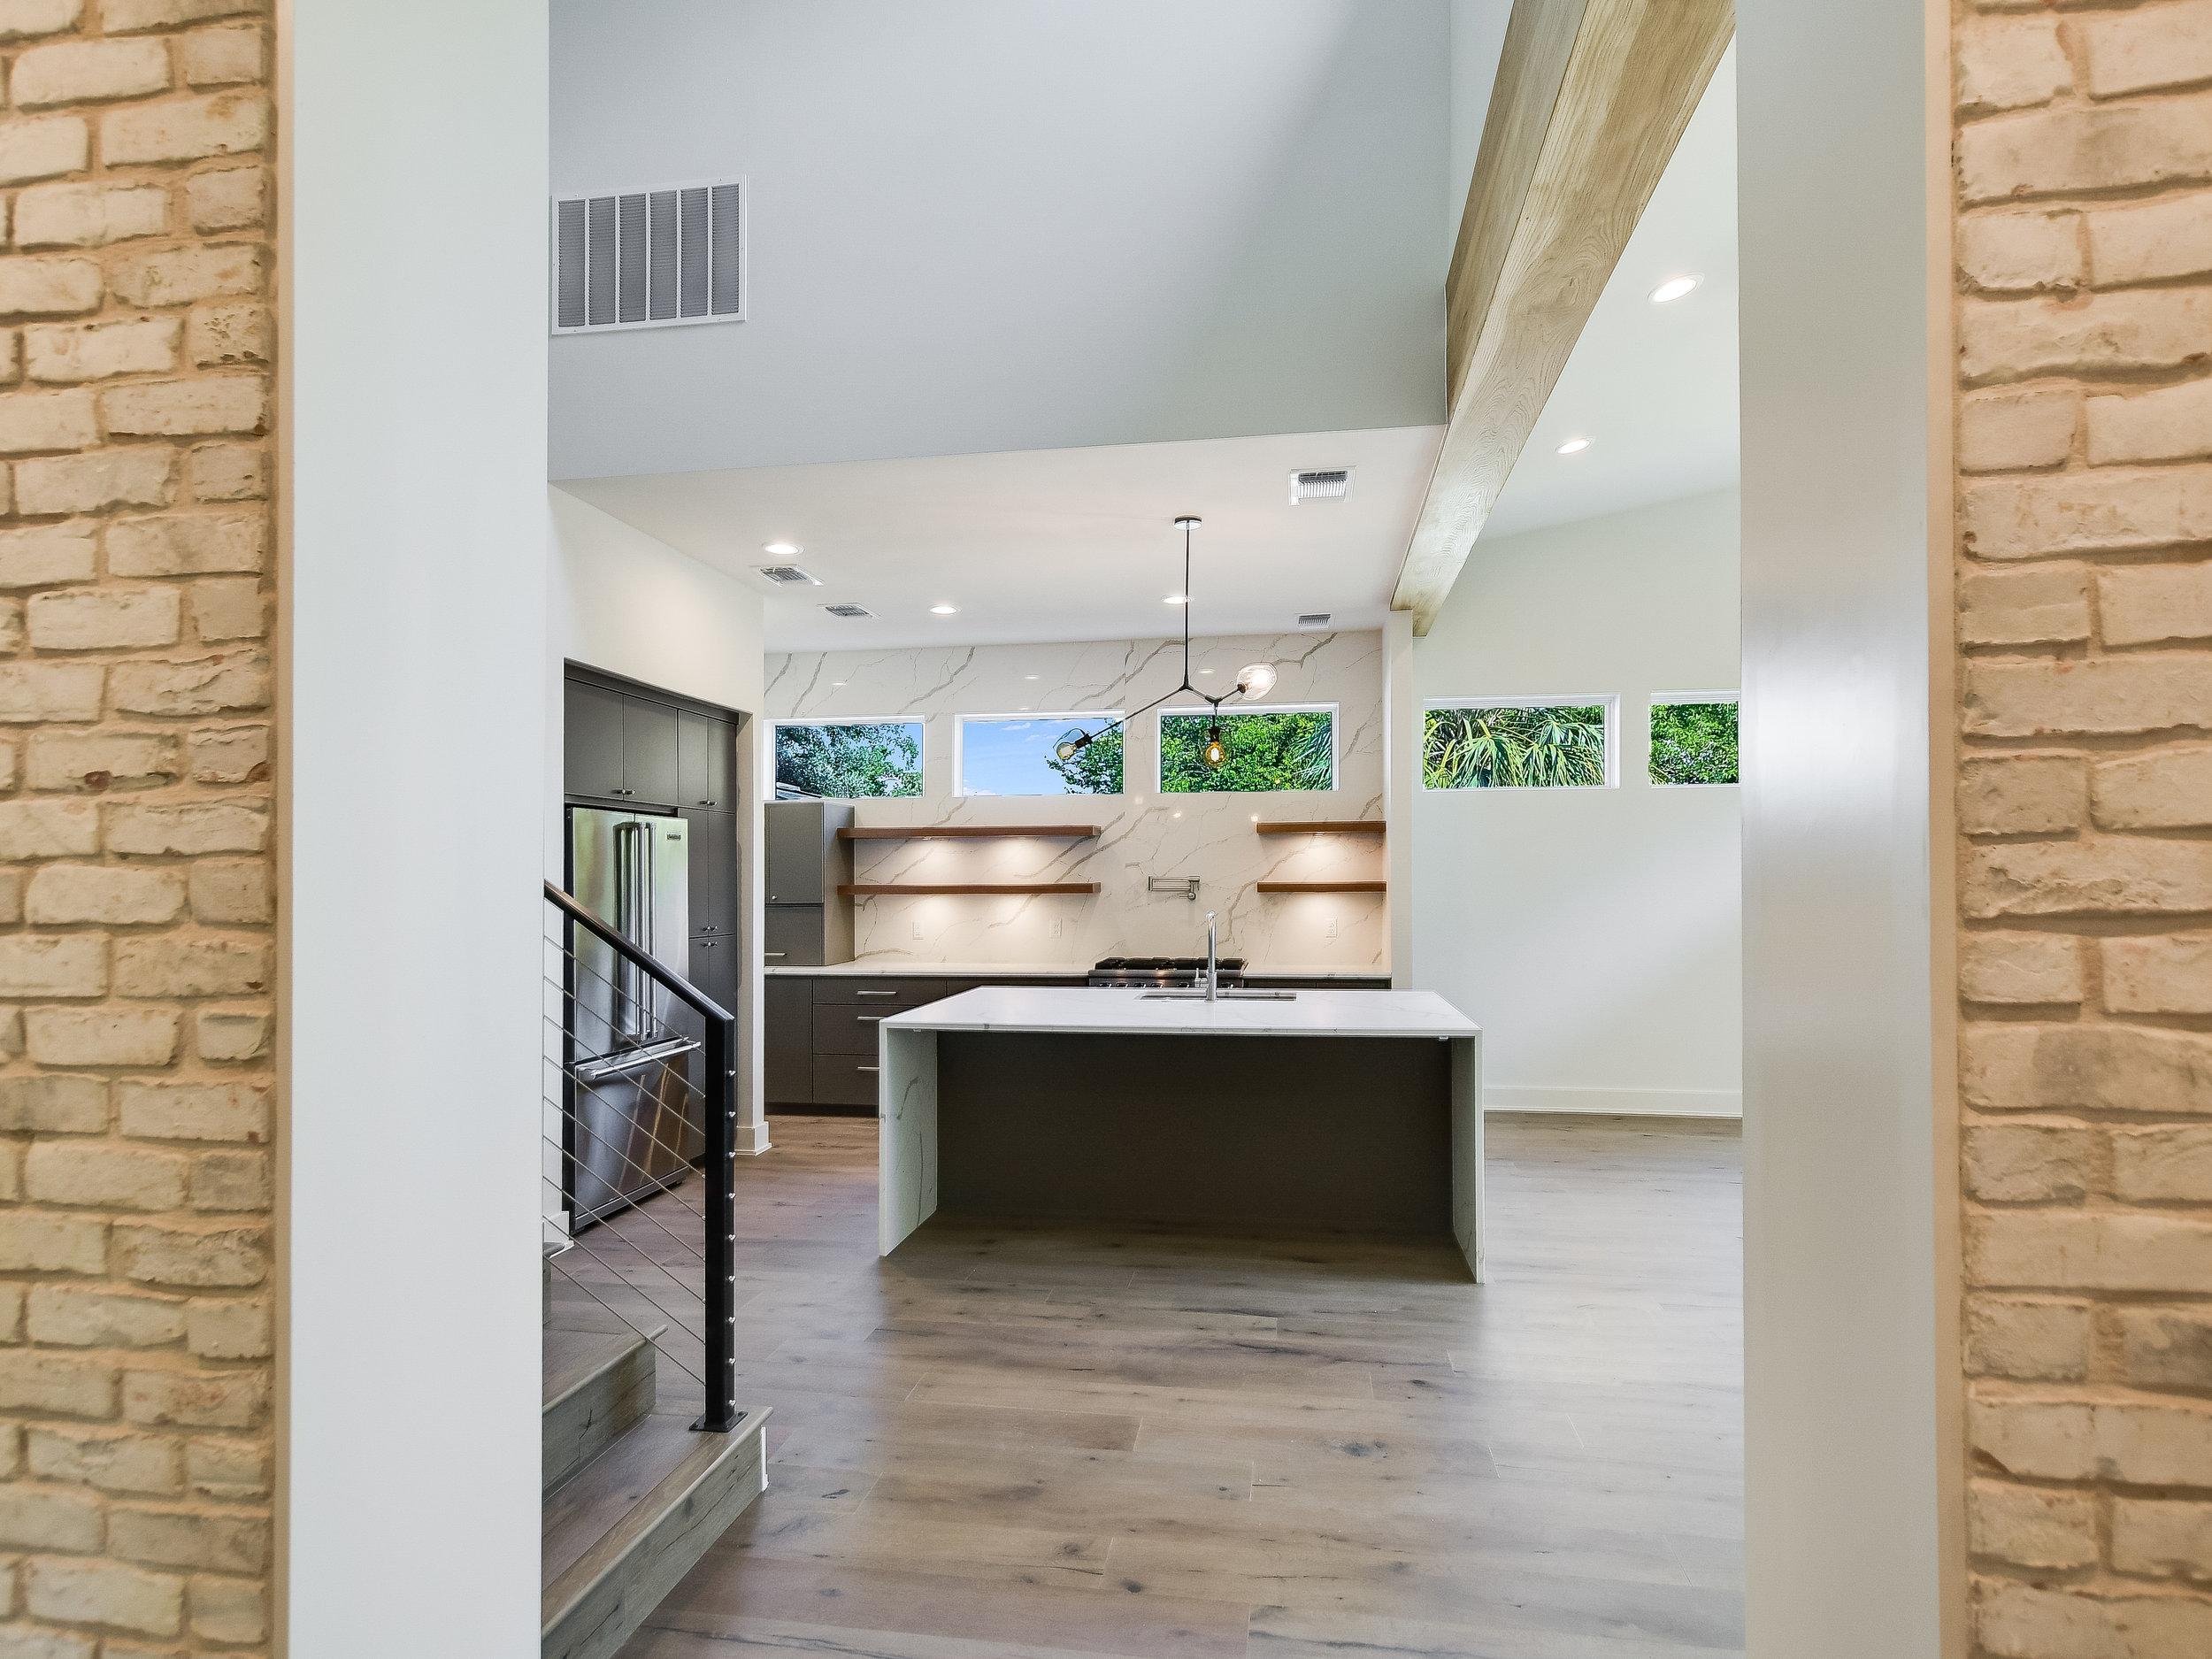 005_Kitchen View.jpg